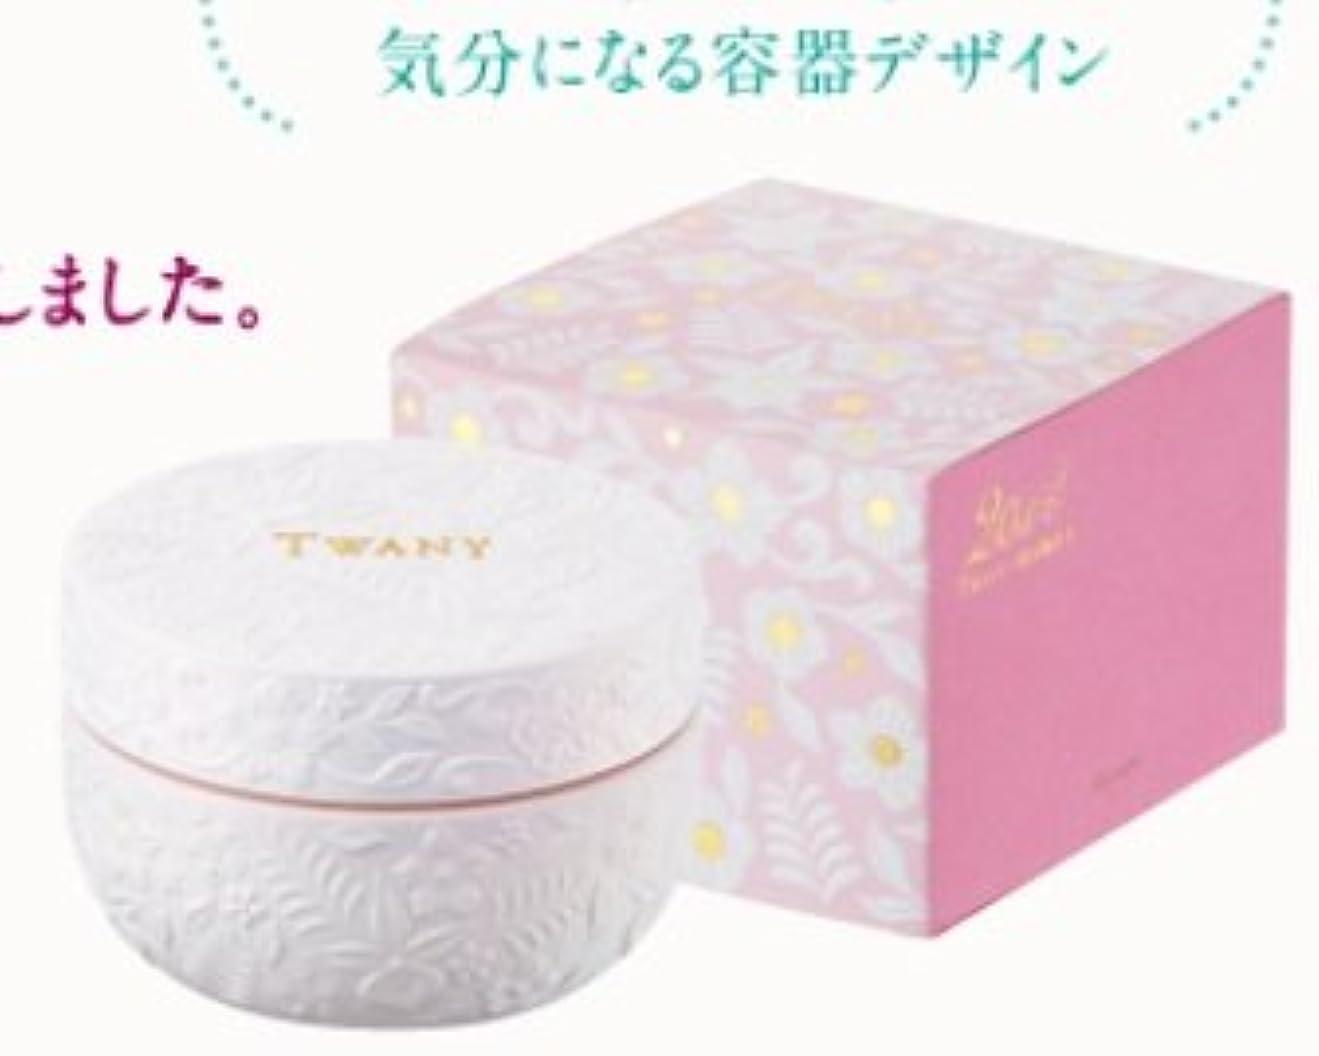 標準雑草ピンク11月16日限定発売品 カネボウ トワニー レジュウィール アロマボディクリーム 200g